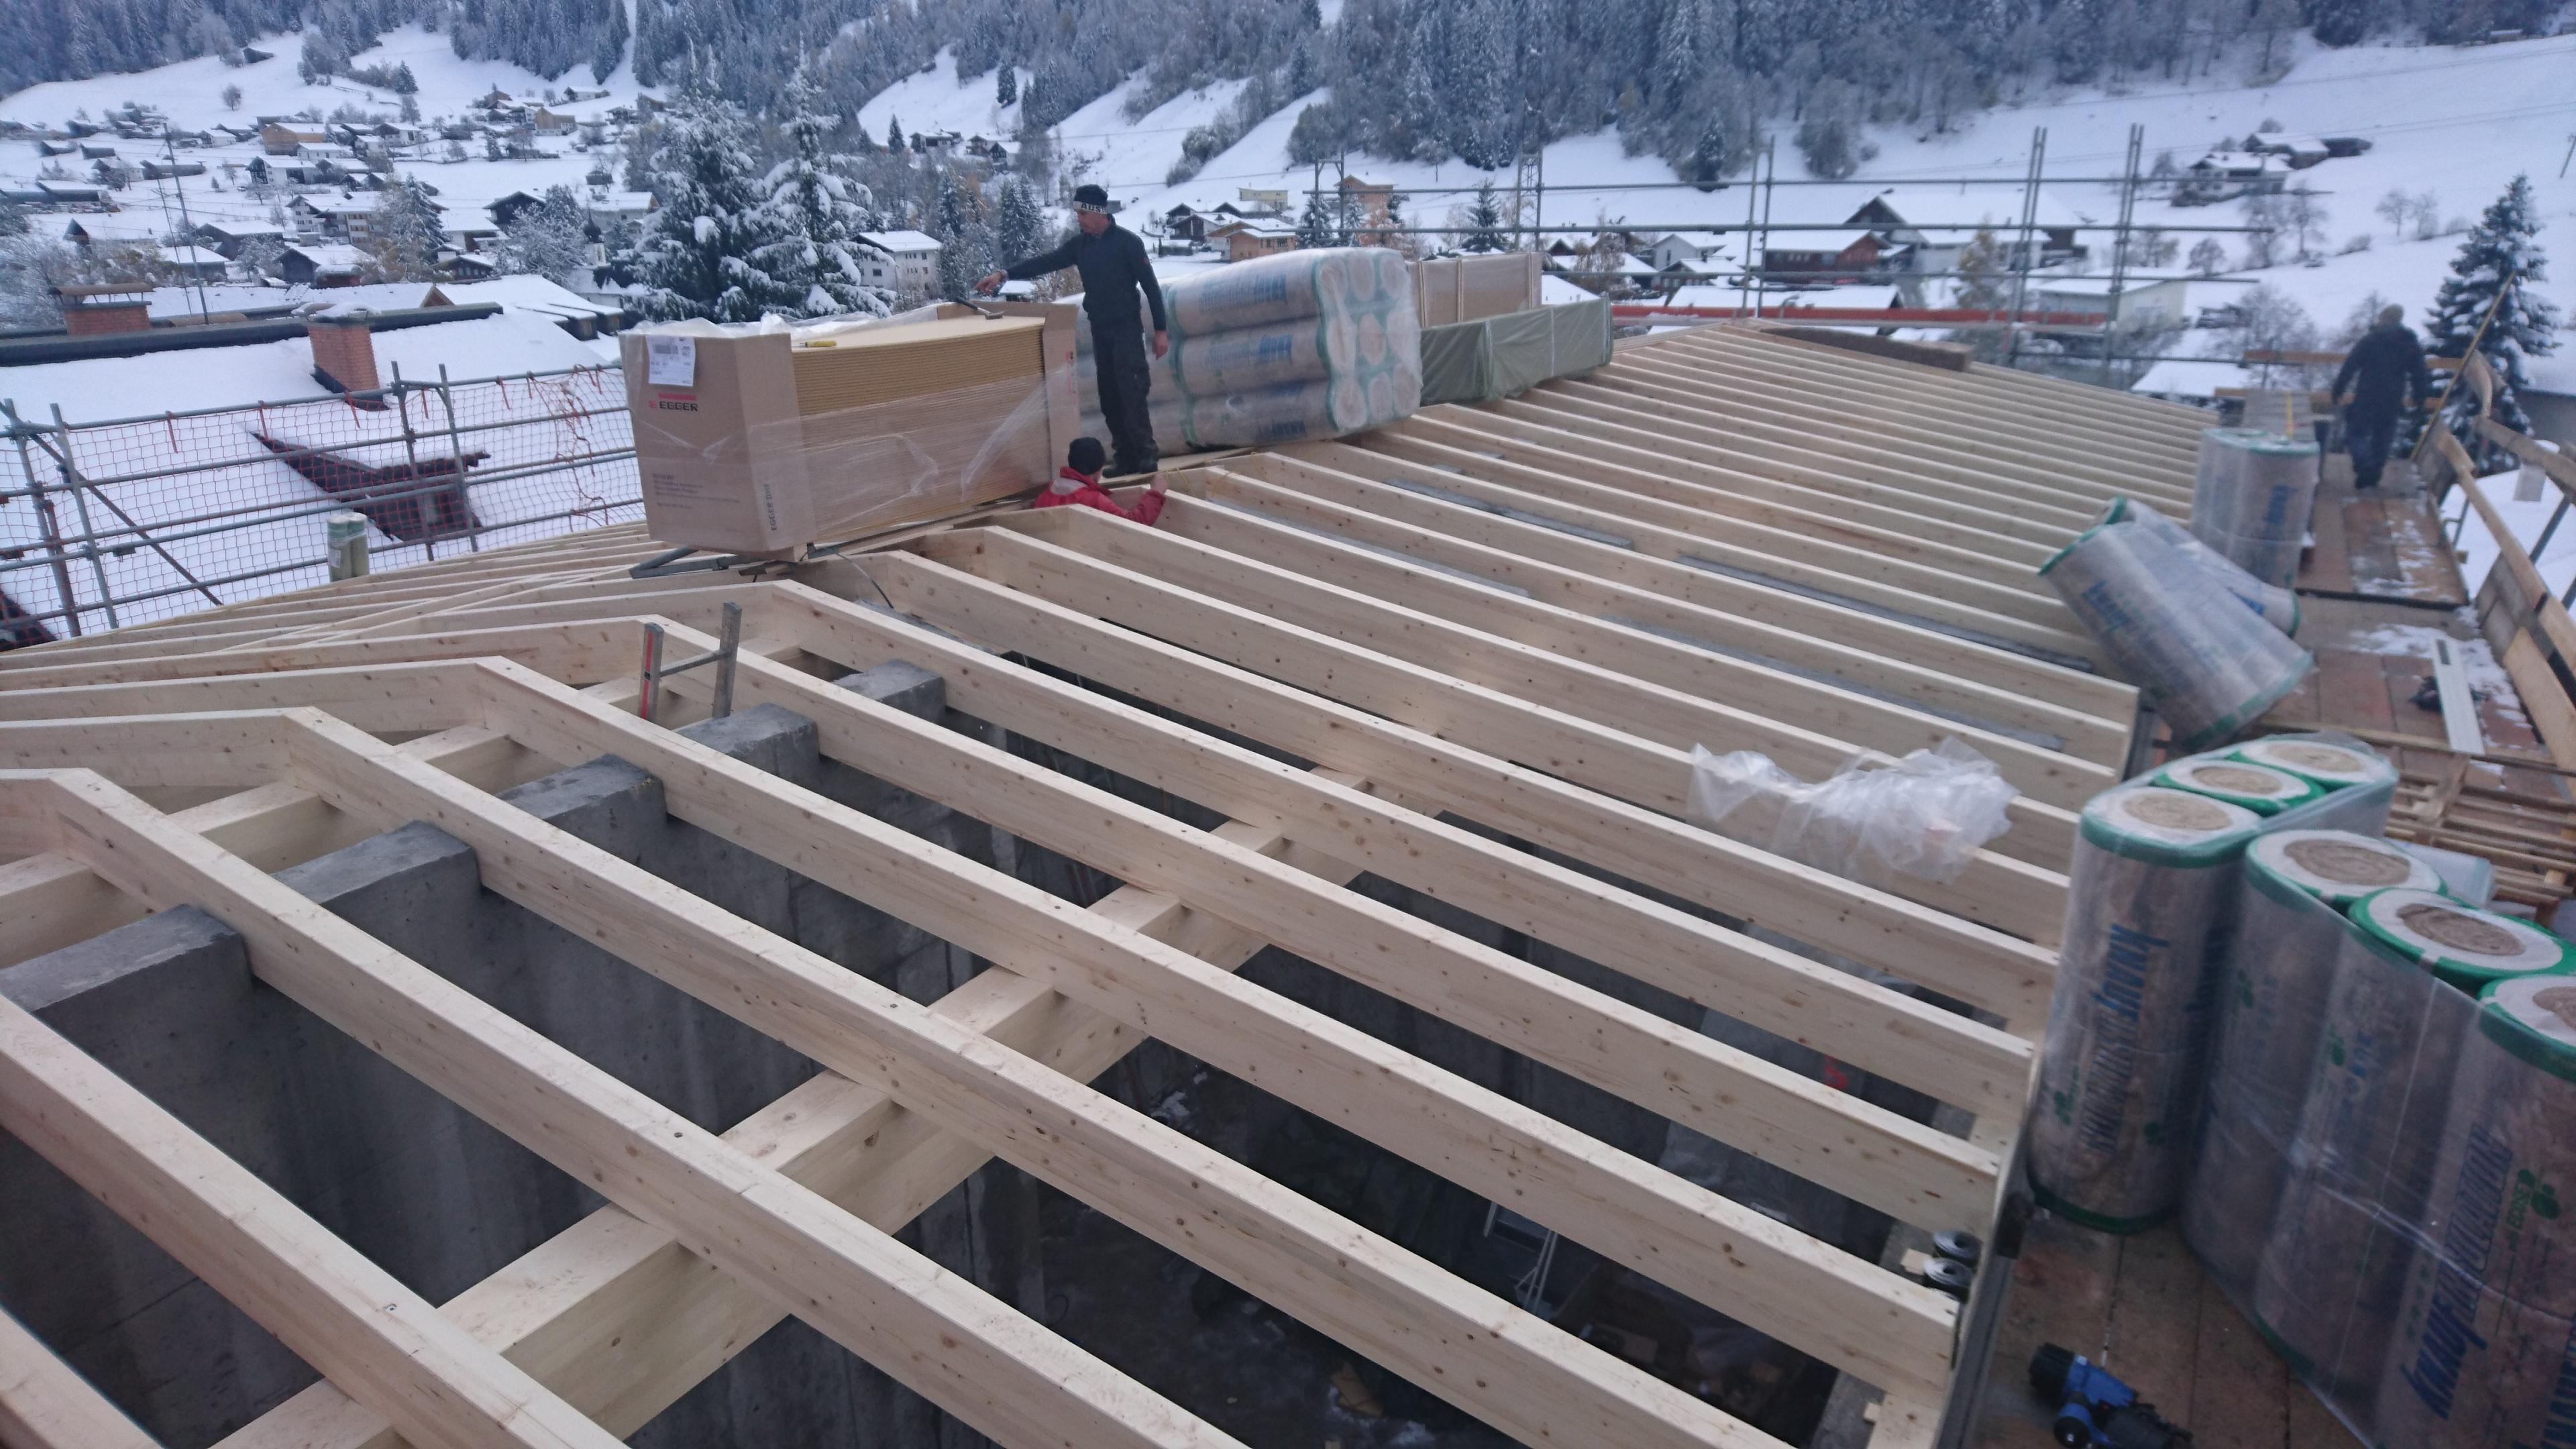 Alpstein Chalets, Gaschurn